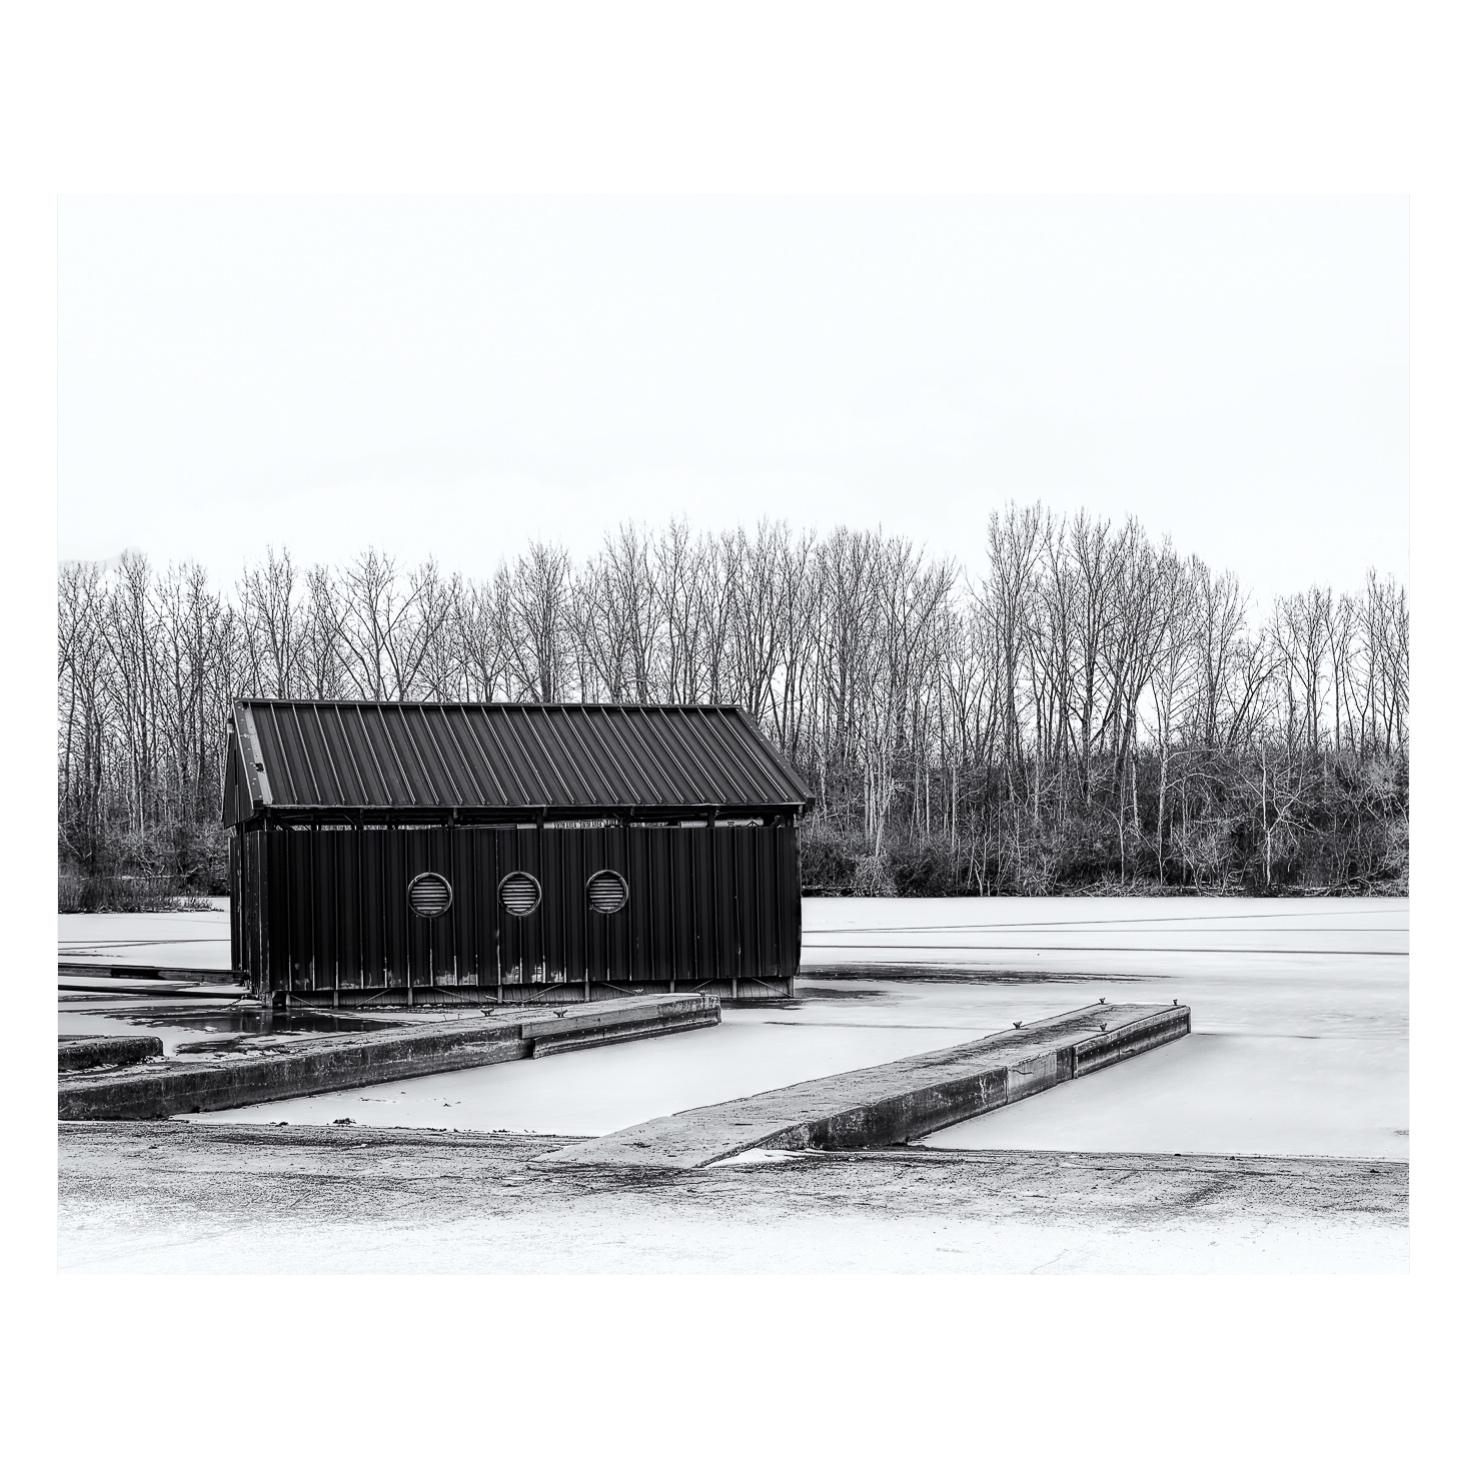 Lake Winter-0001-Brian Suman Images.jpg